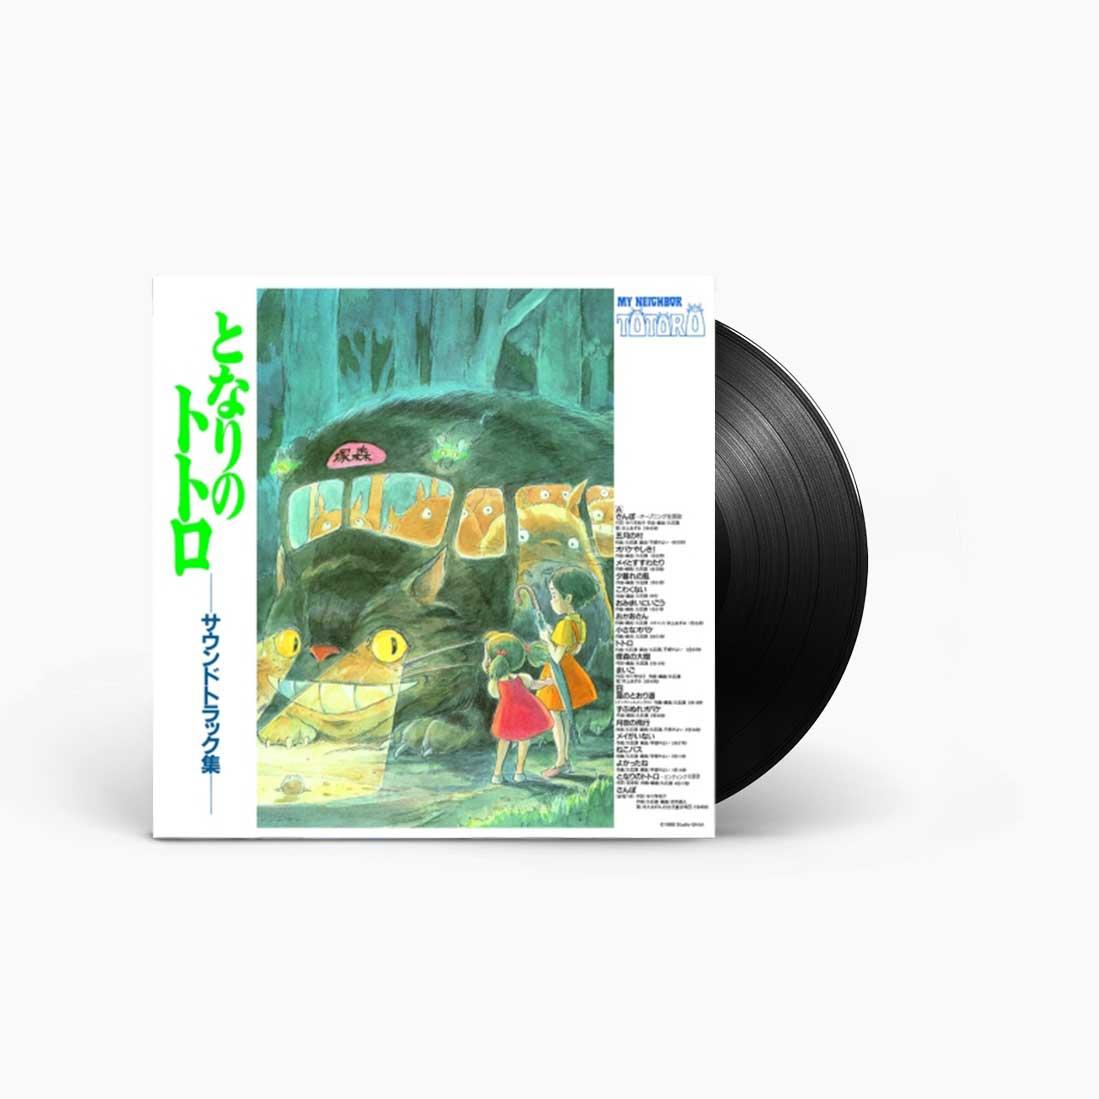 unun-Joe-Hisaish-vinyl-cover_t-2.jpg